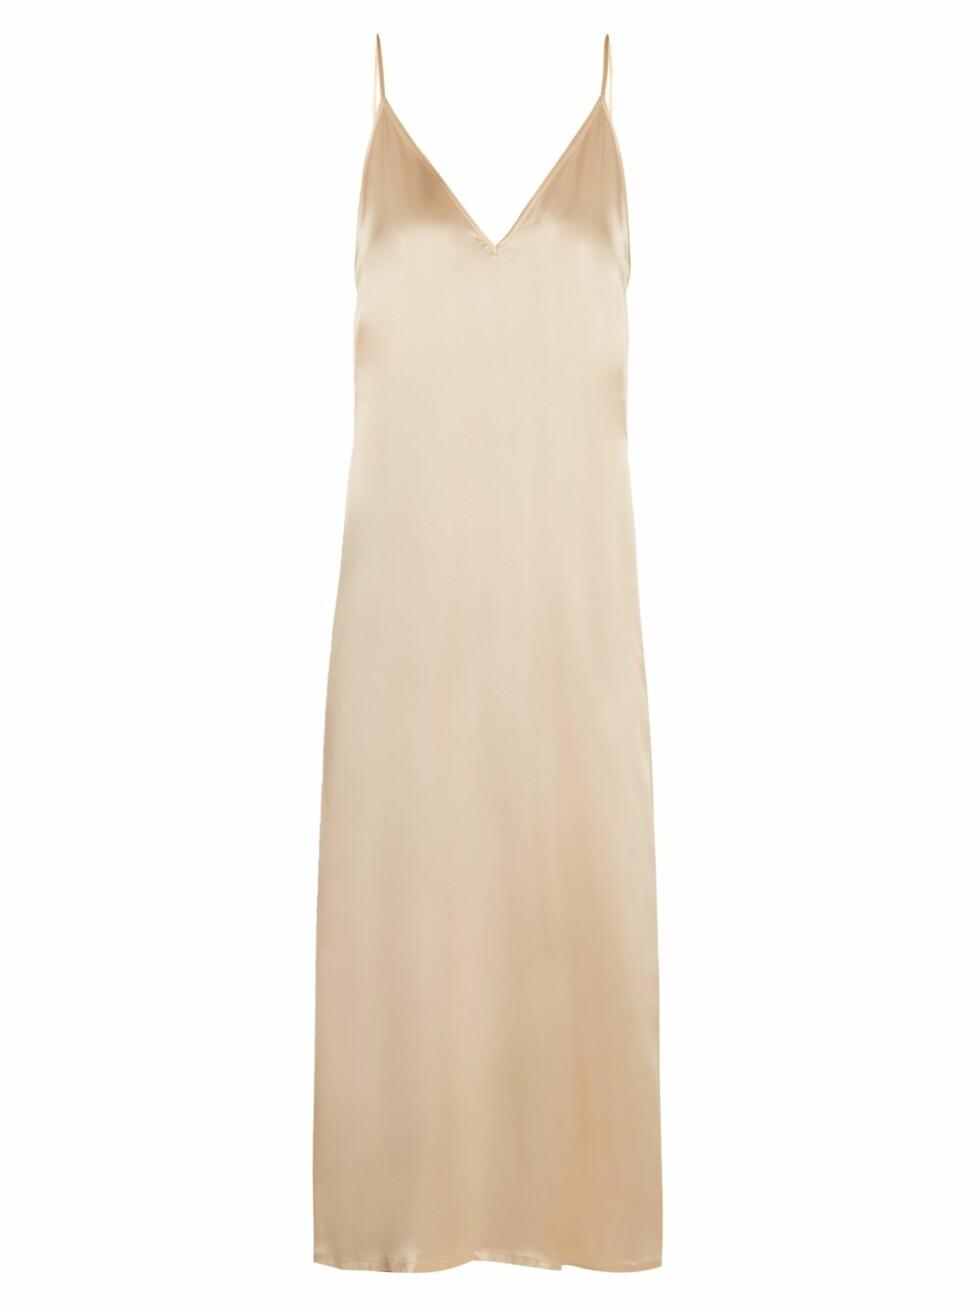 Kjole fra Raey via Matchesfashion.com |1635,-| https://www.matchesfashion.com/intl/products/Raey-V-neck-silk-satin-midi-slip-dress-1195618